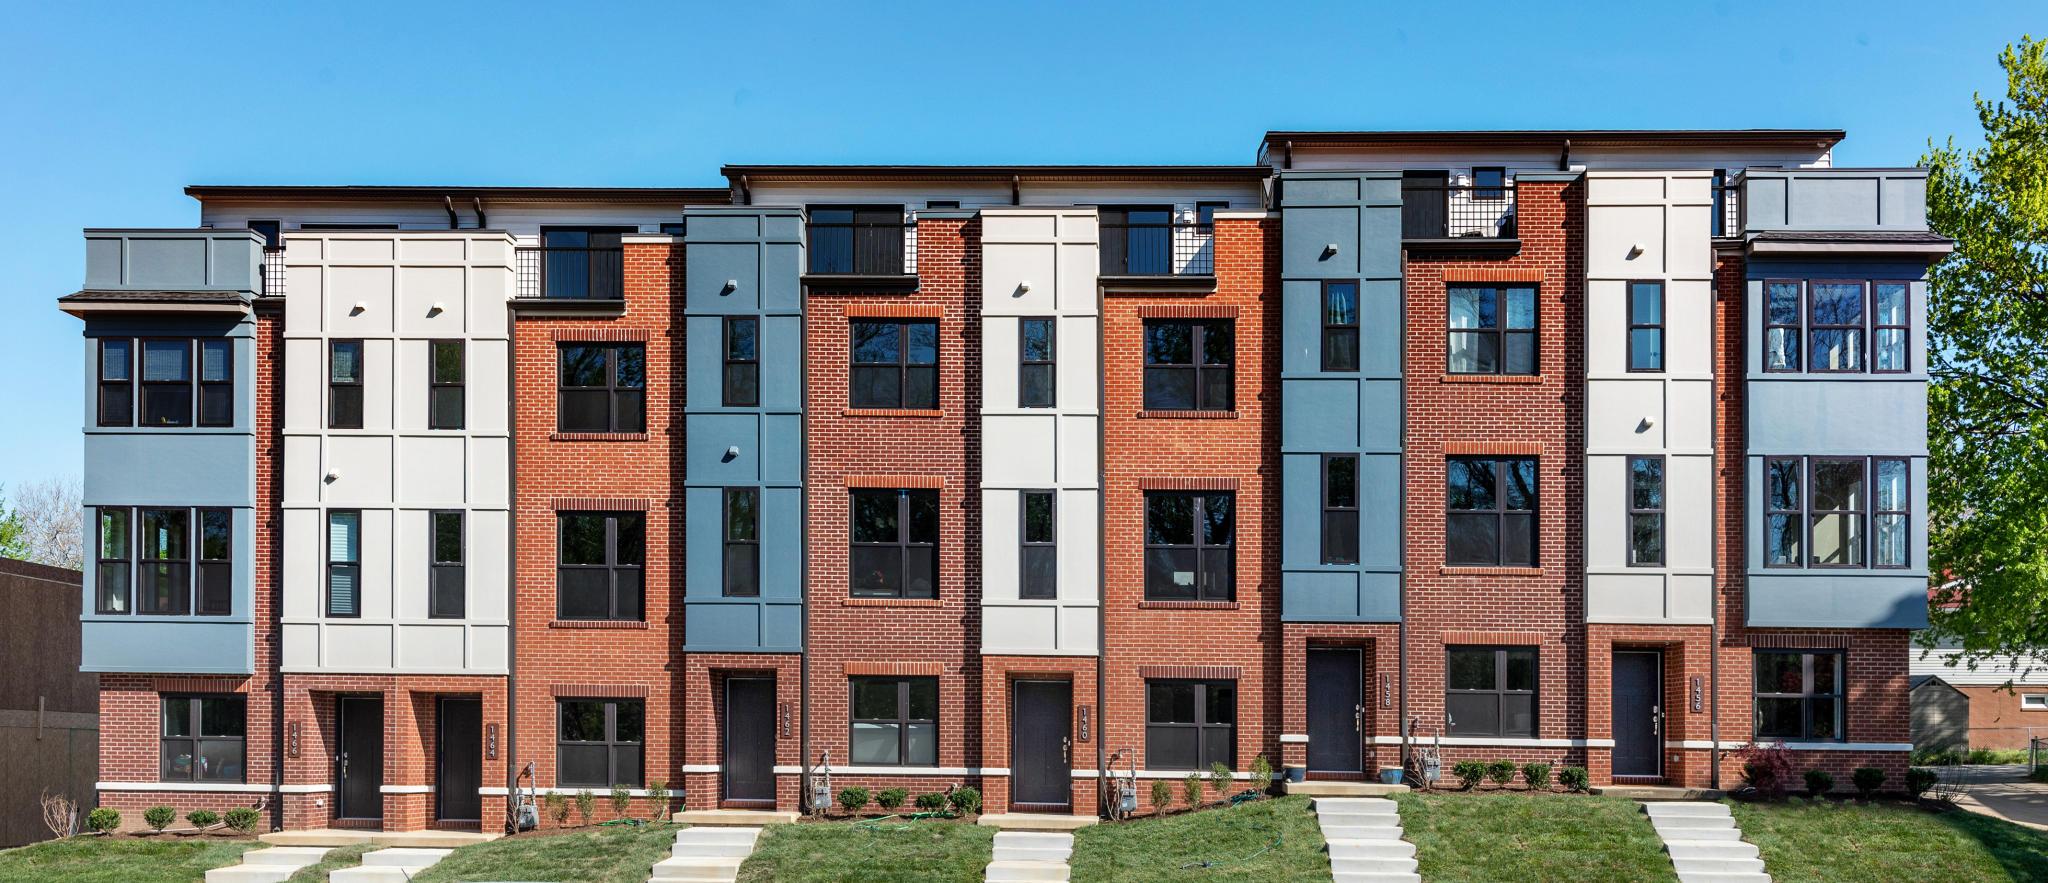 Lot 89 Plan Baltimore Md 21211 4 Bed 4 Bath Single Family Home 21 Photos Trulia